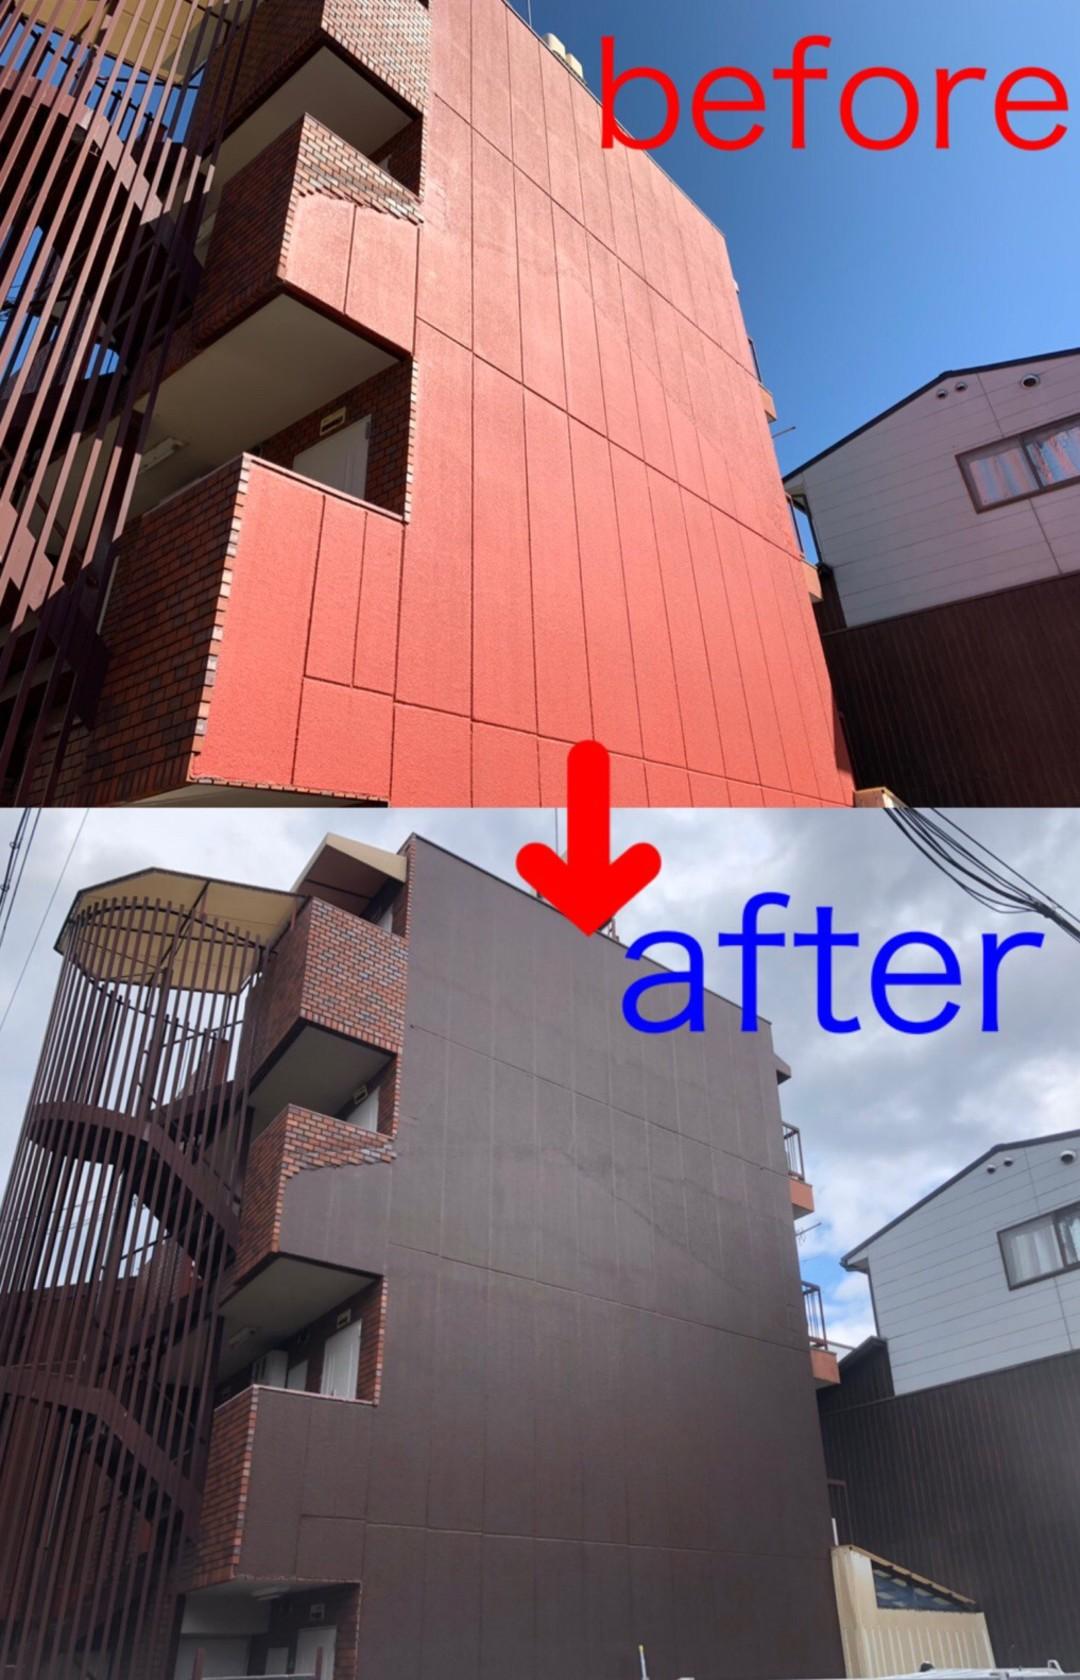 京都市左京区Kマンション 外壁塗装工事(弾性防水塗装)のサムネイル